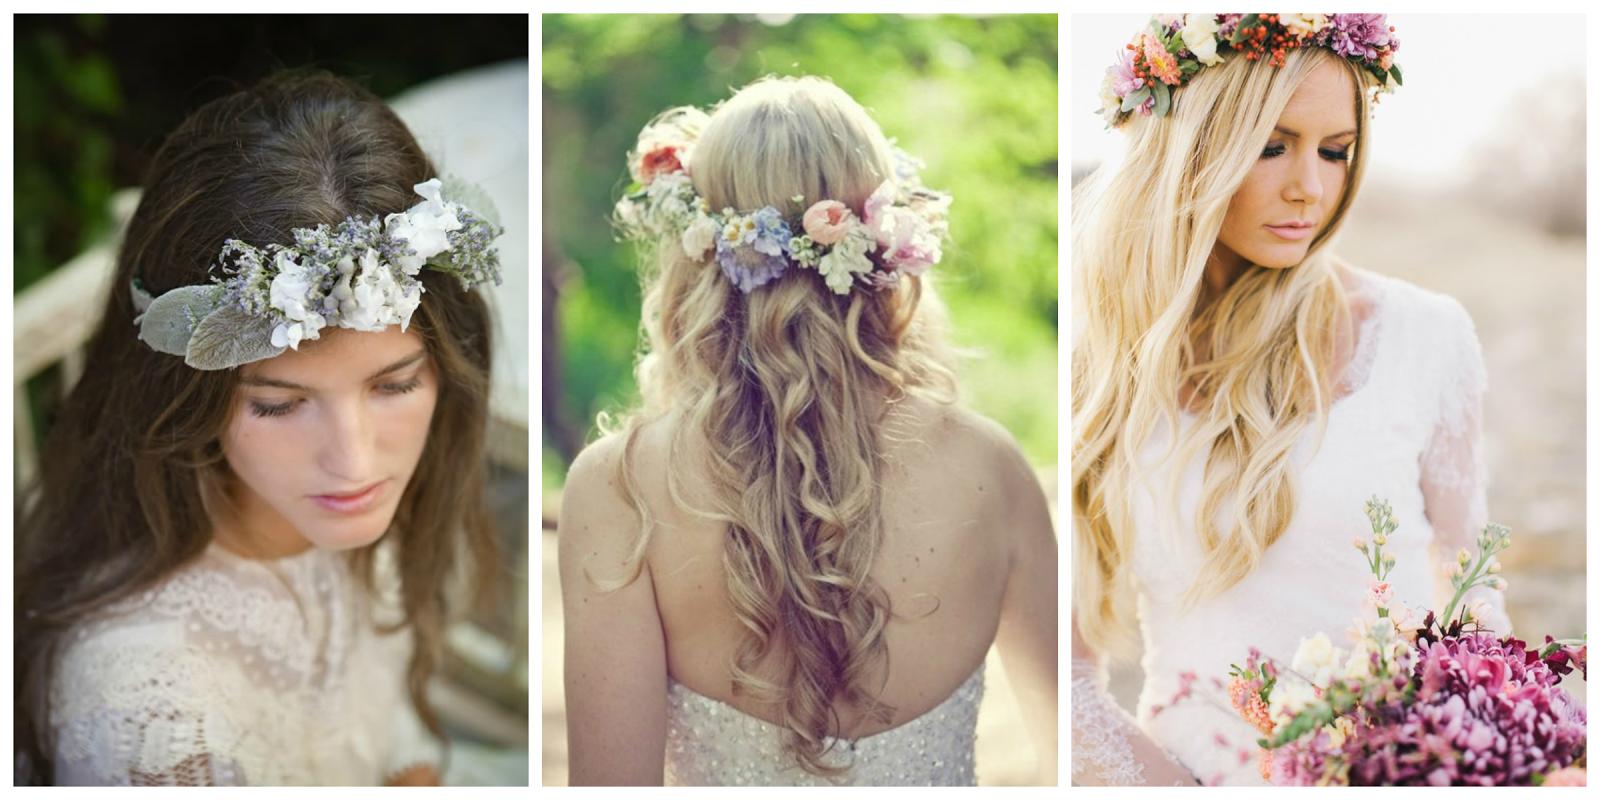 peinados con flores naturales - 5 formas de llevar flores naturales en tu peinado de novia Zankyou